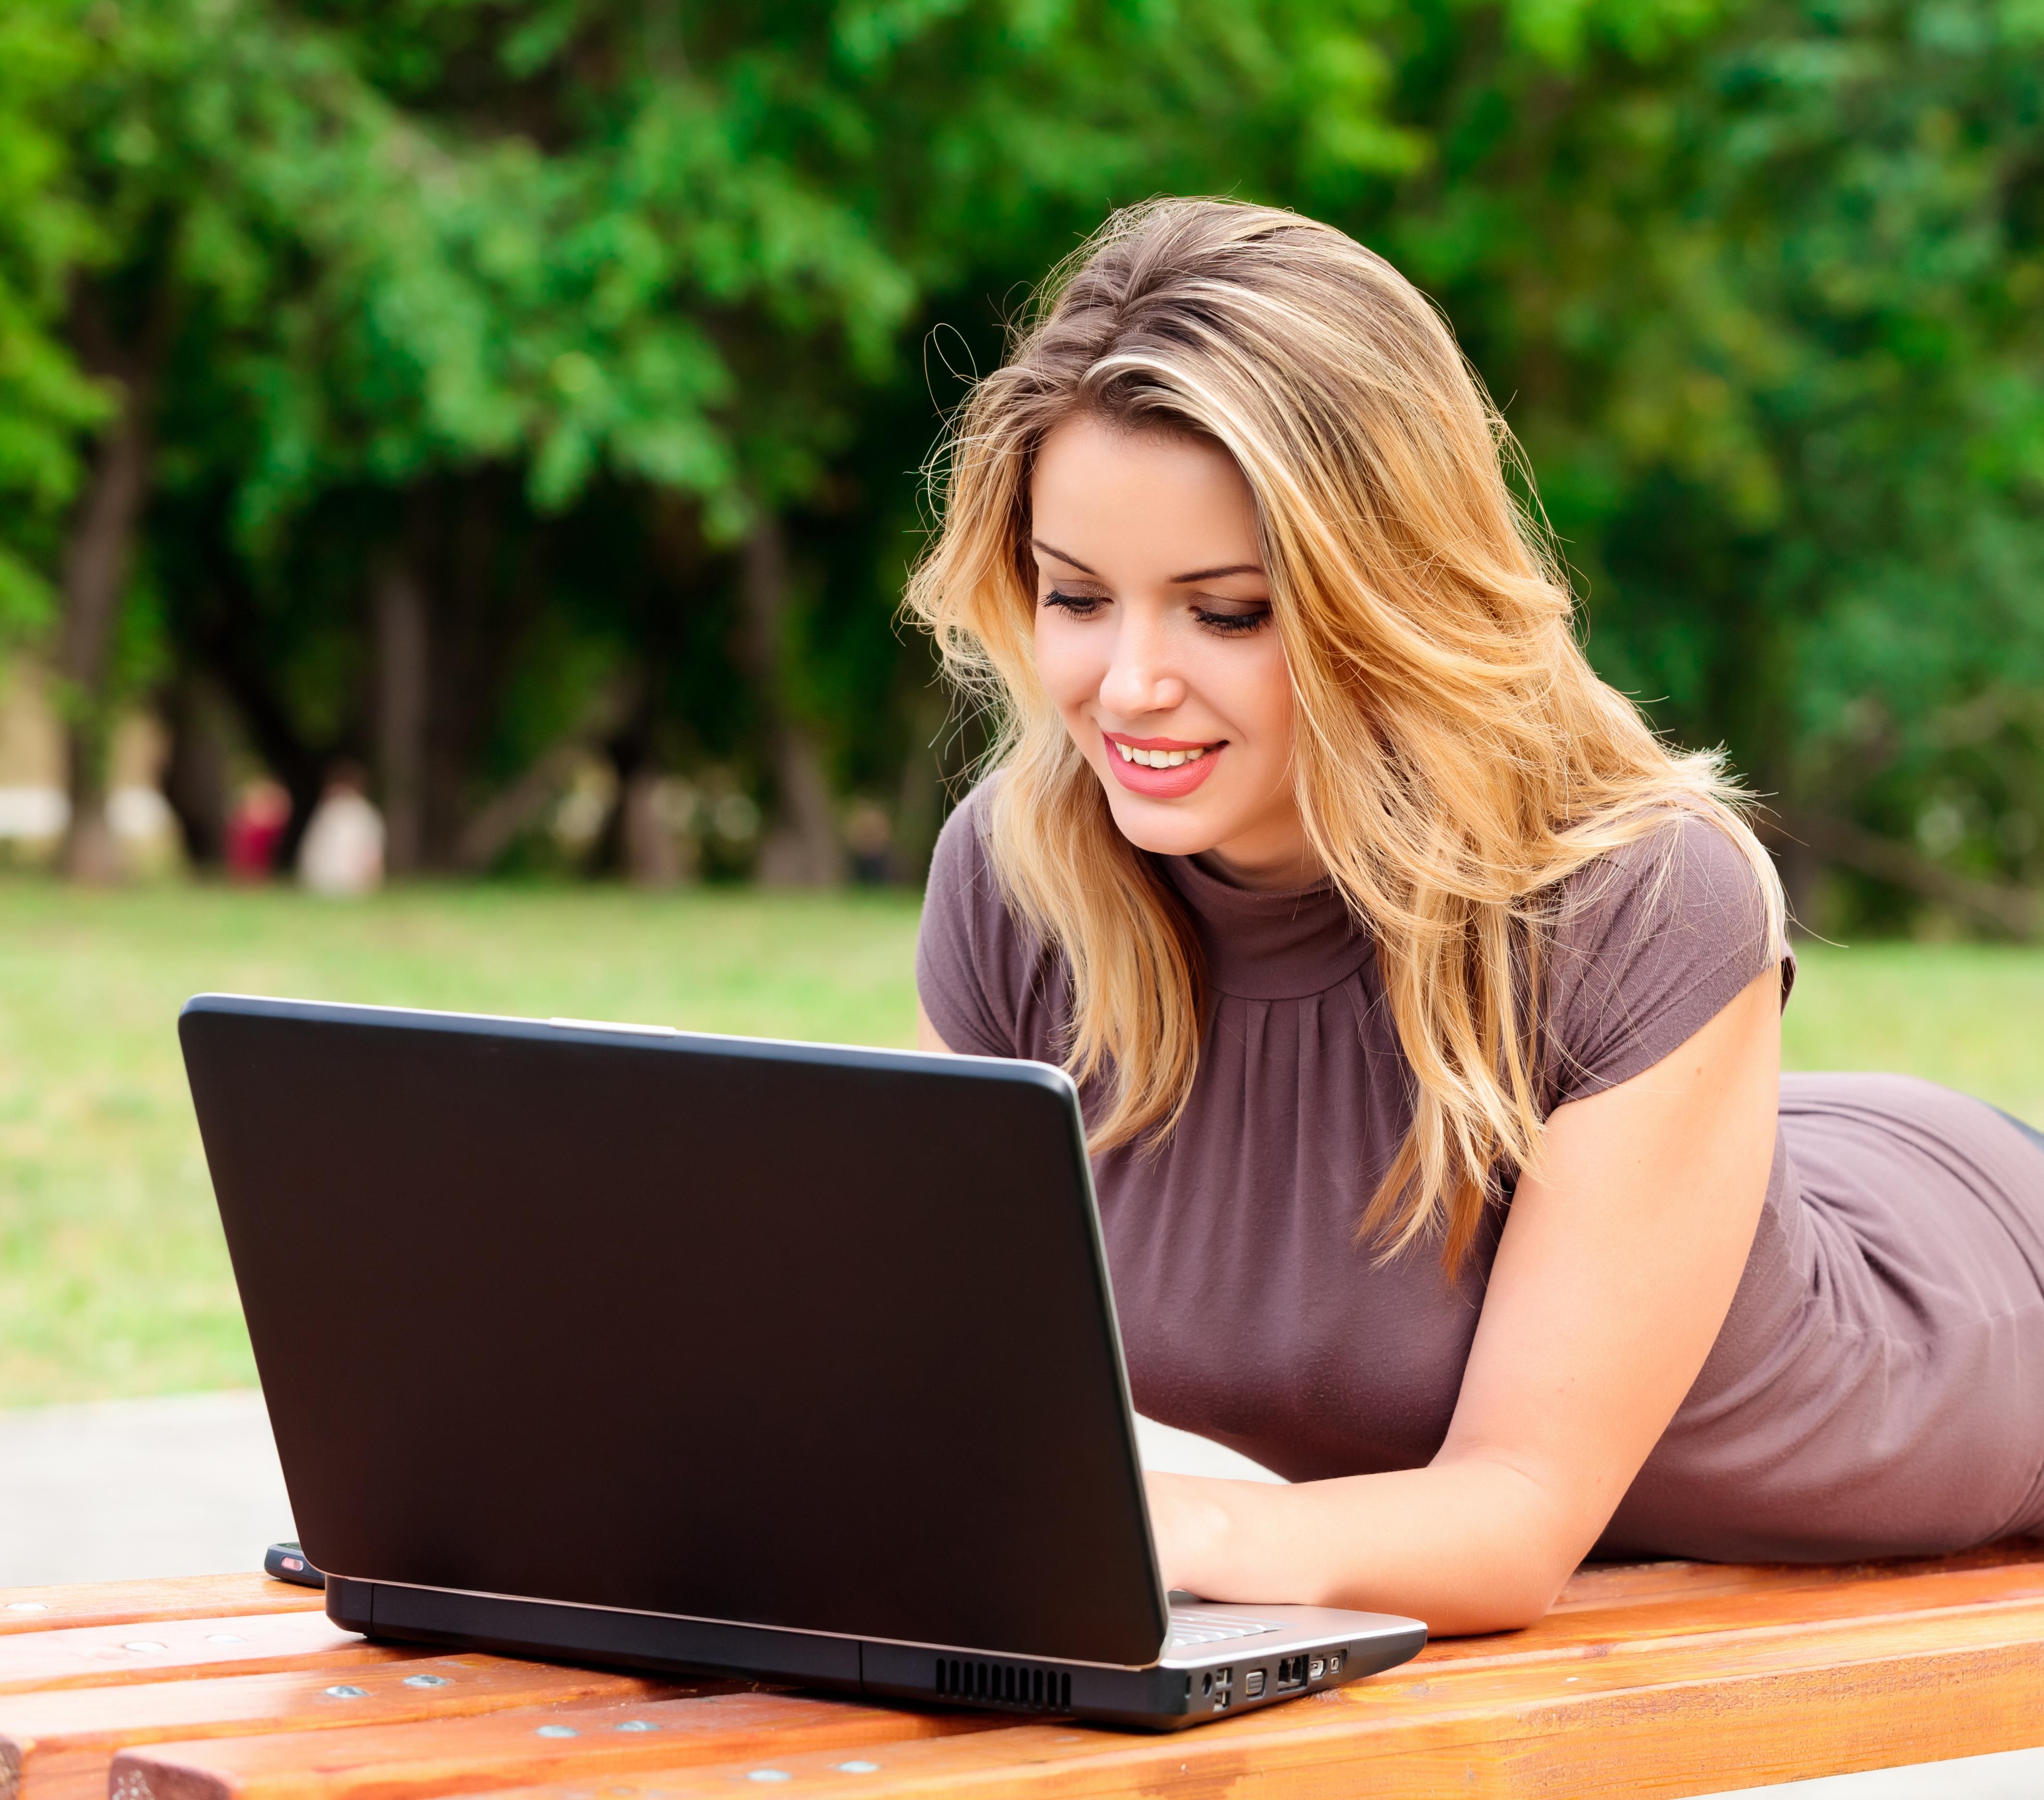 Девушка на час онлайн — photo 11